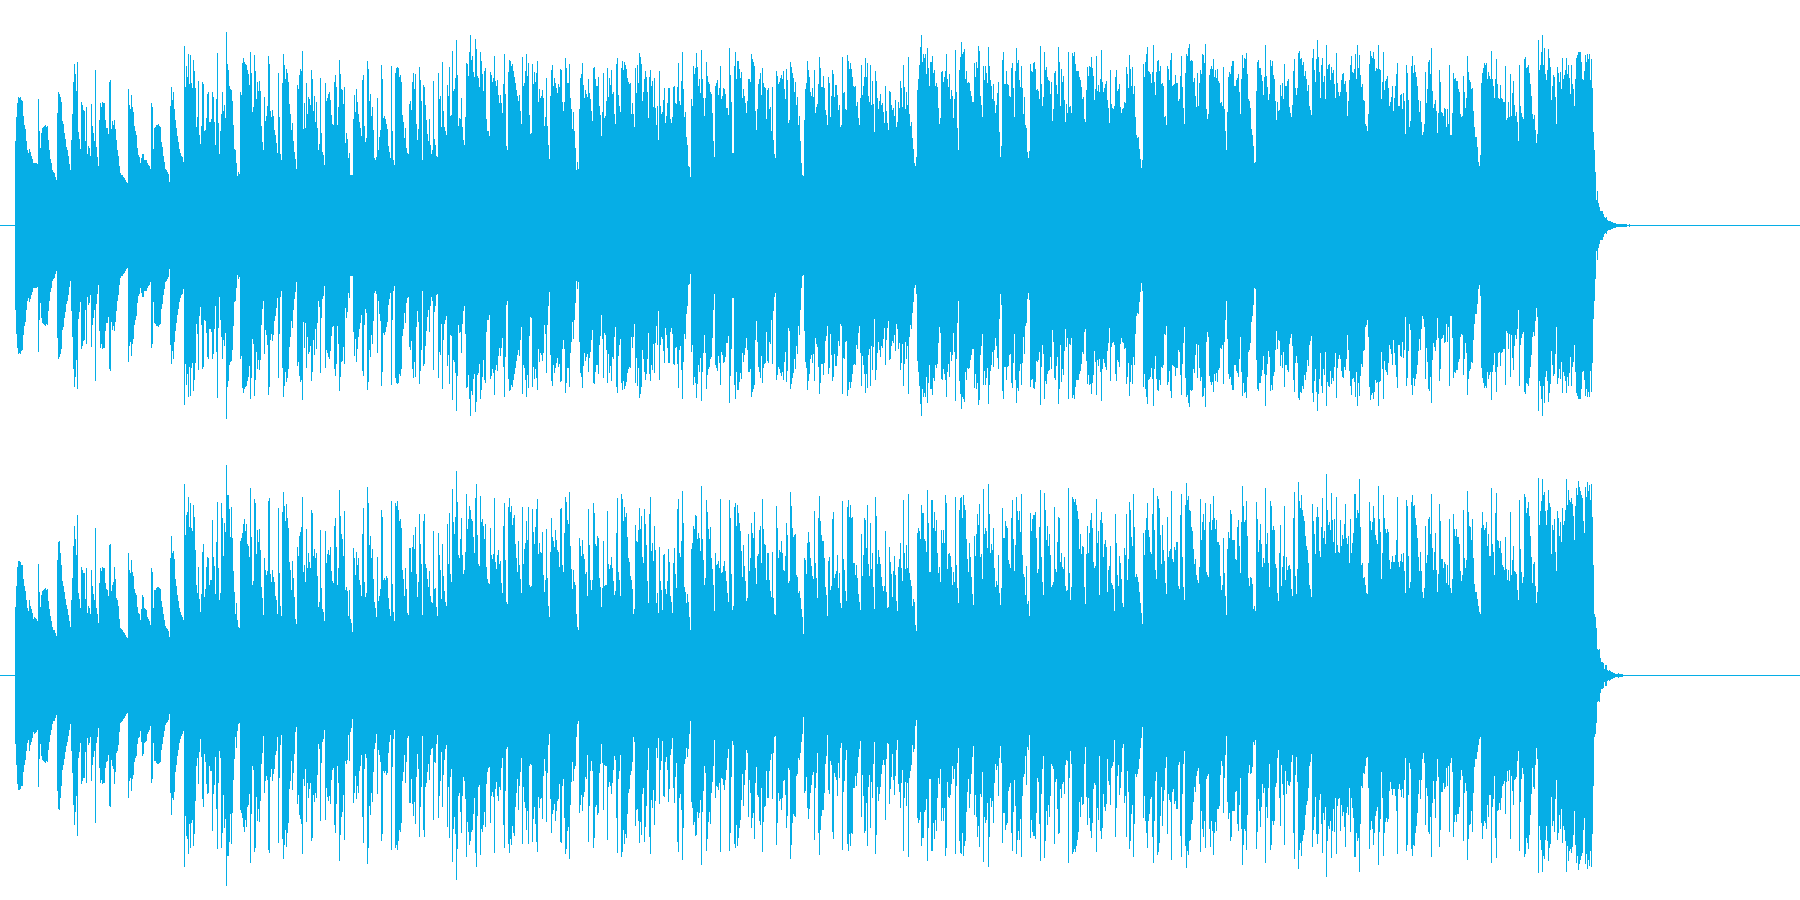 葛藤が絶えない優柔不断なポップの再生済みの波形